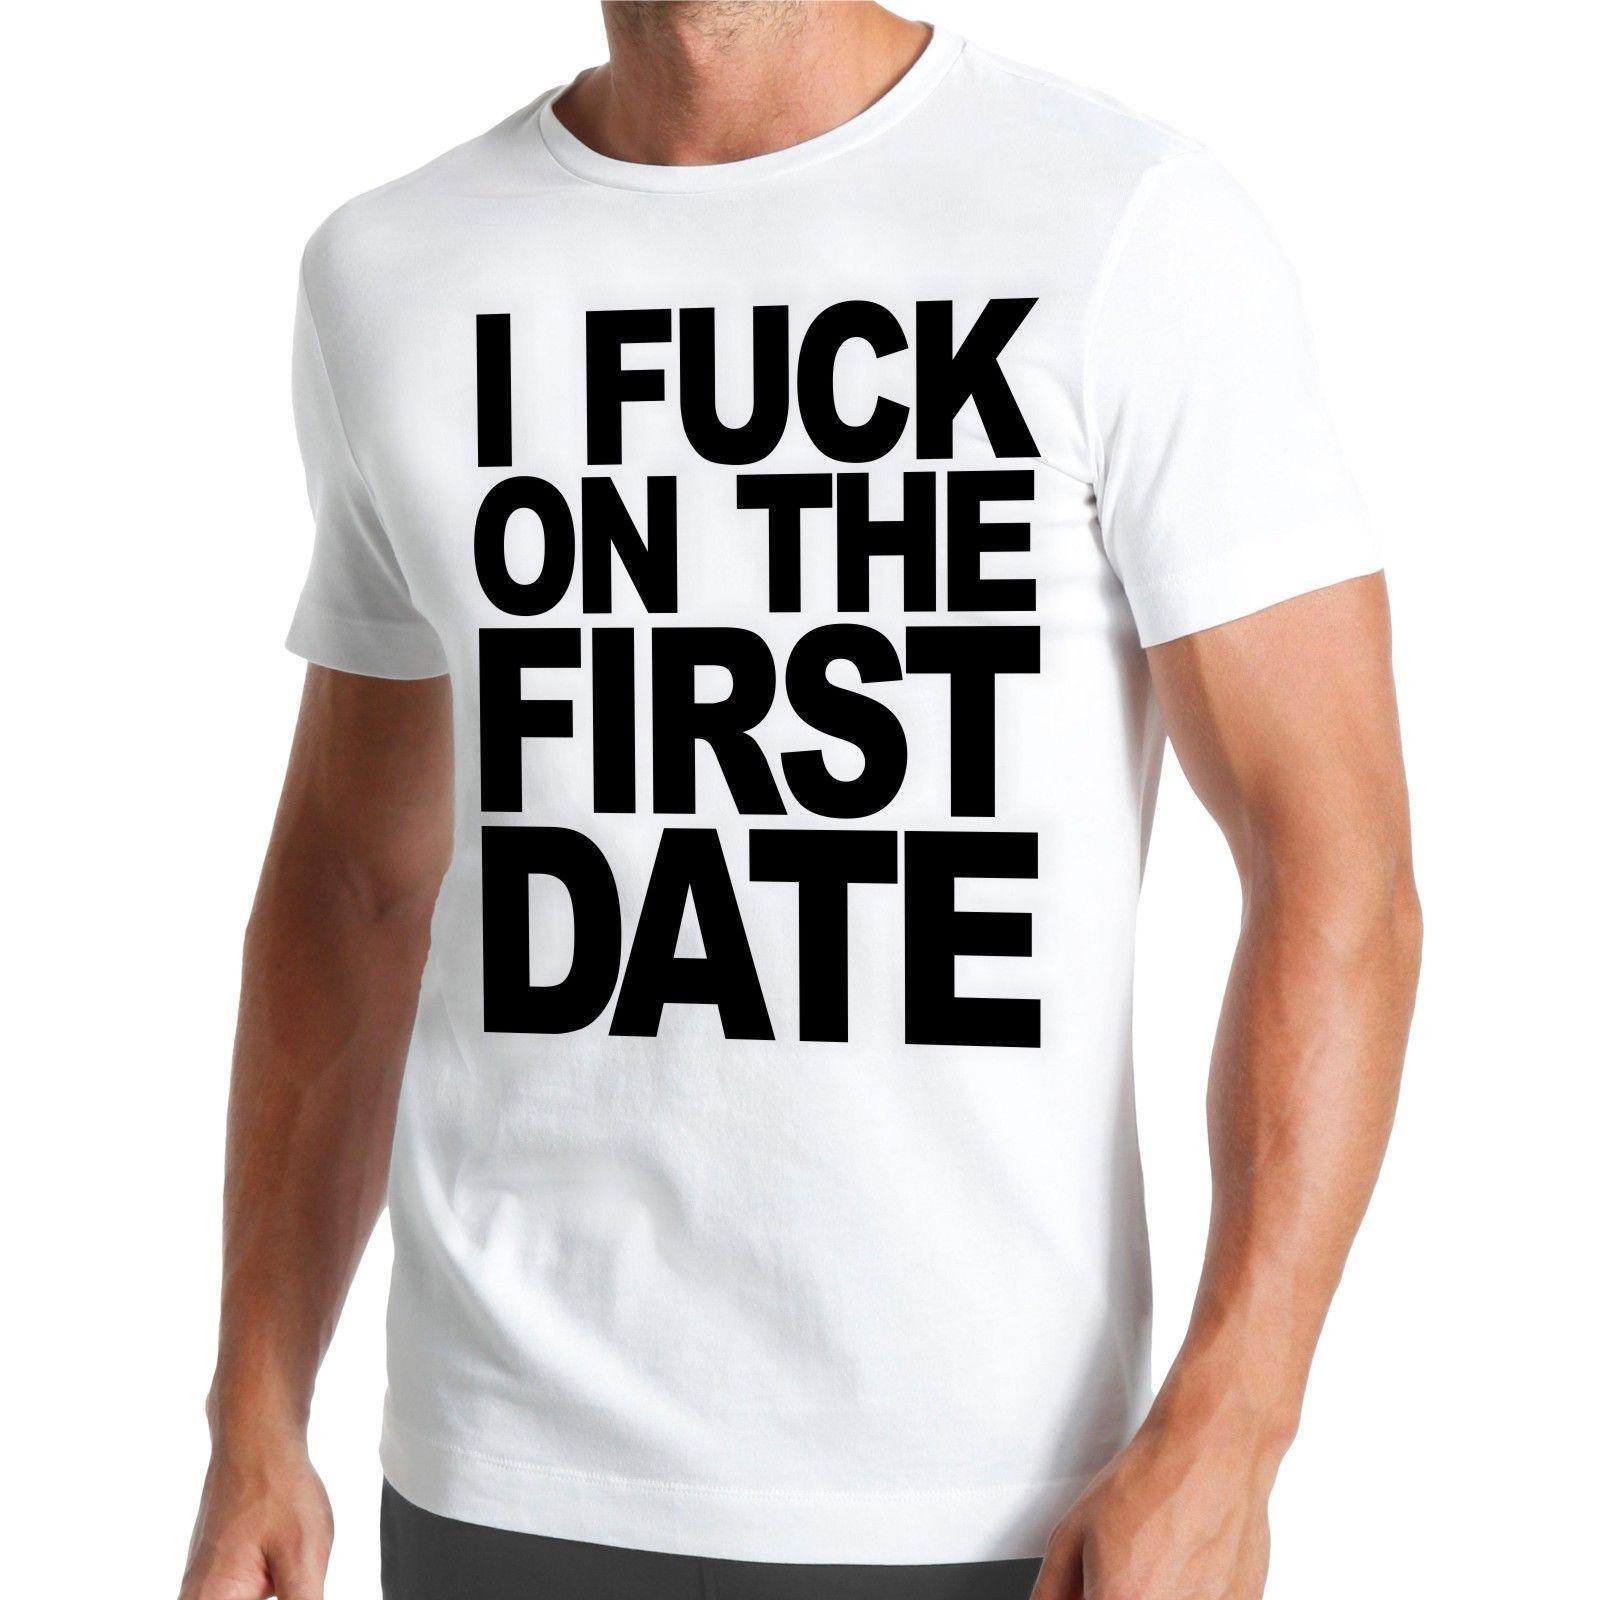 Freies Dating in st louis Youtubedatierung im Dunkeln 2014